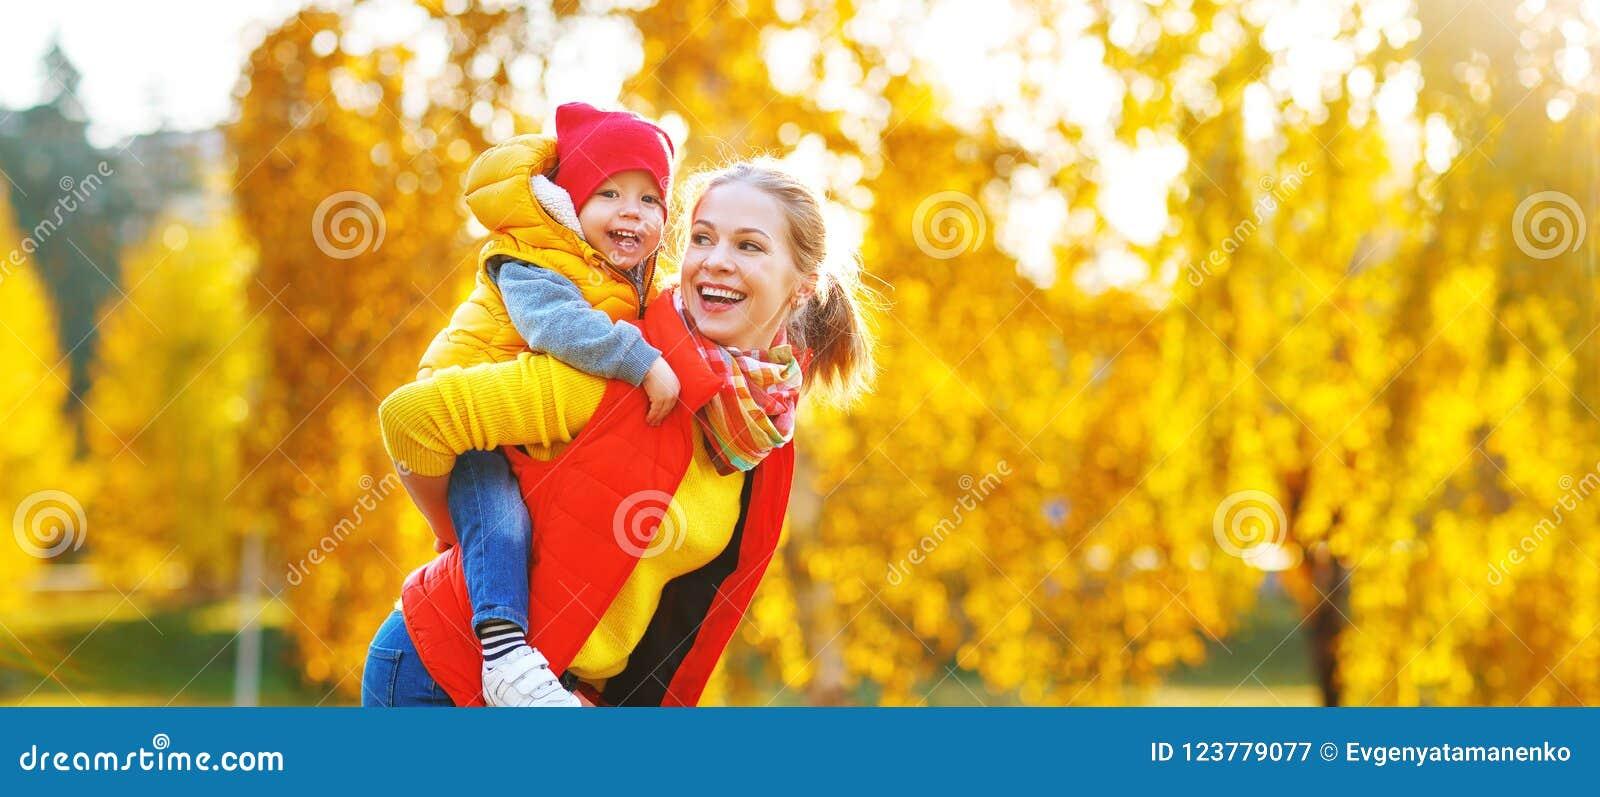 Ευτυχείς οικογενειακή μητέρα και γιος μωρών στον περίπατο φθινοπώρου